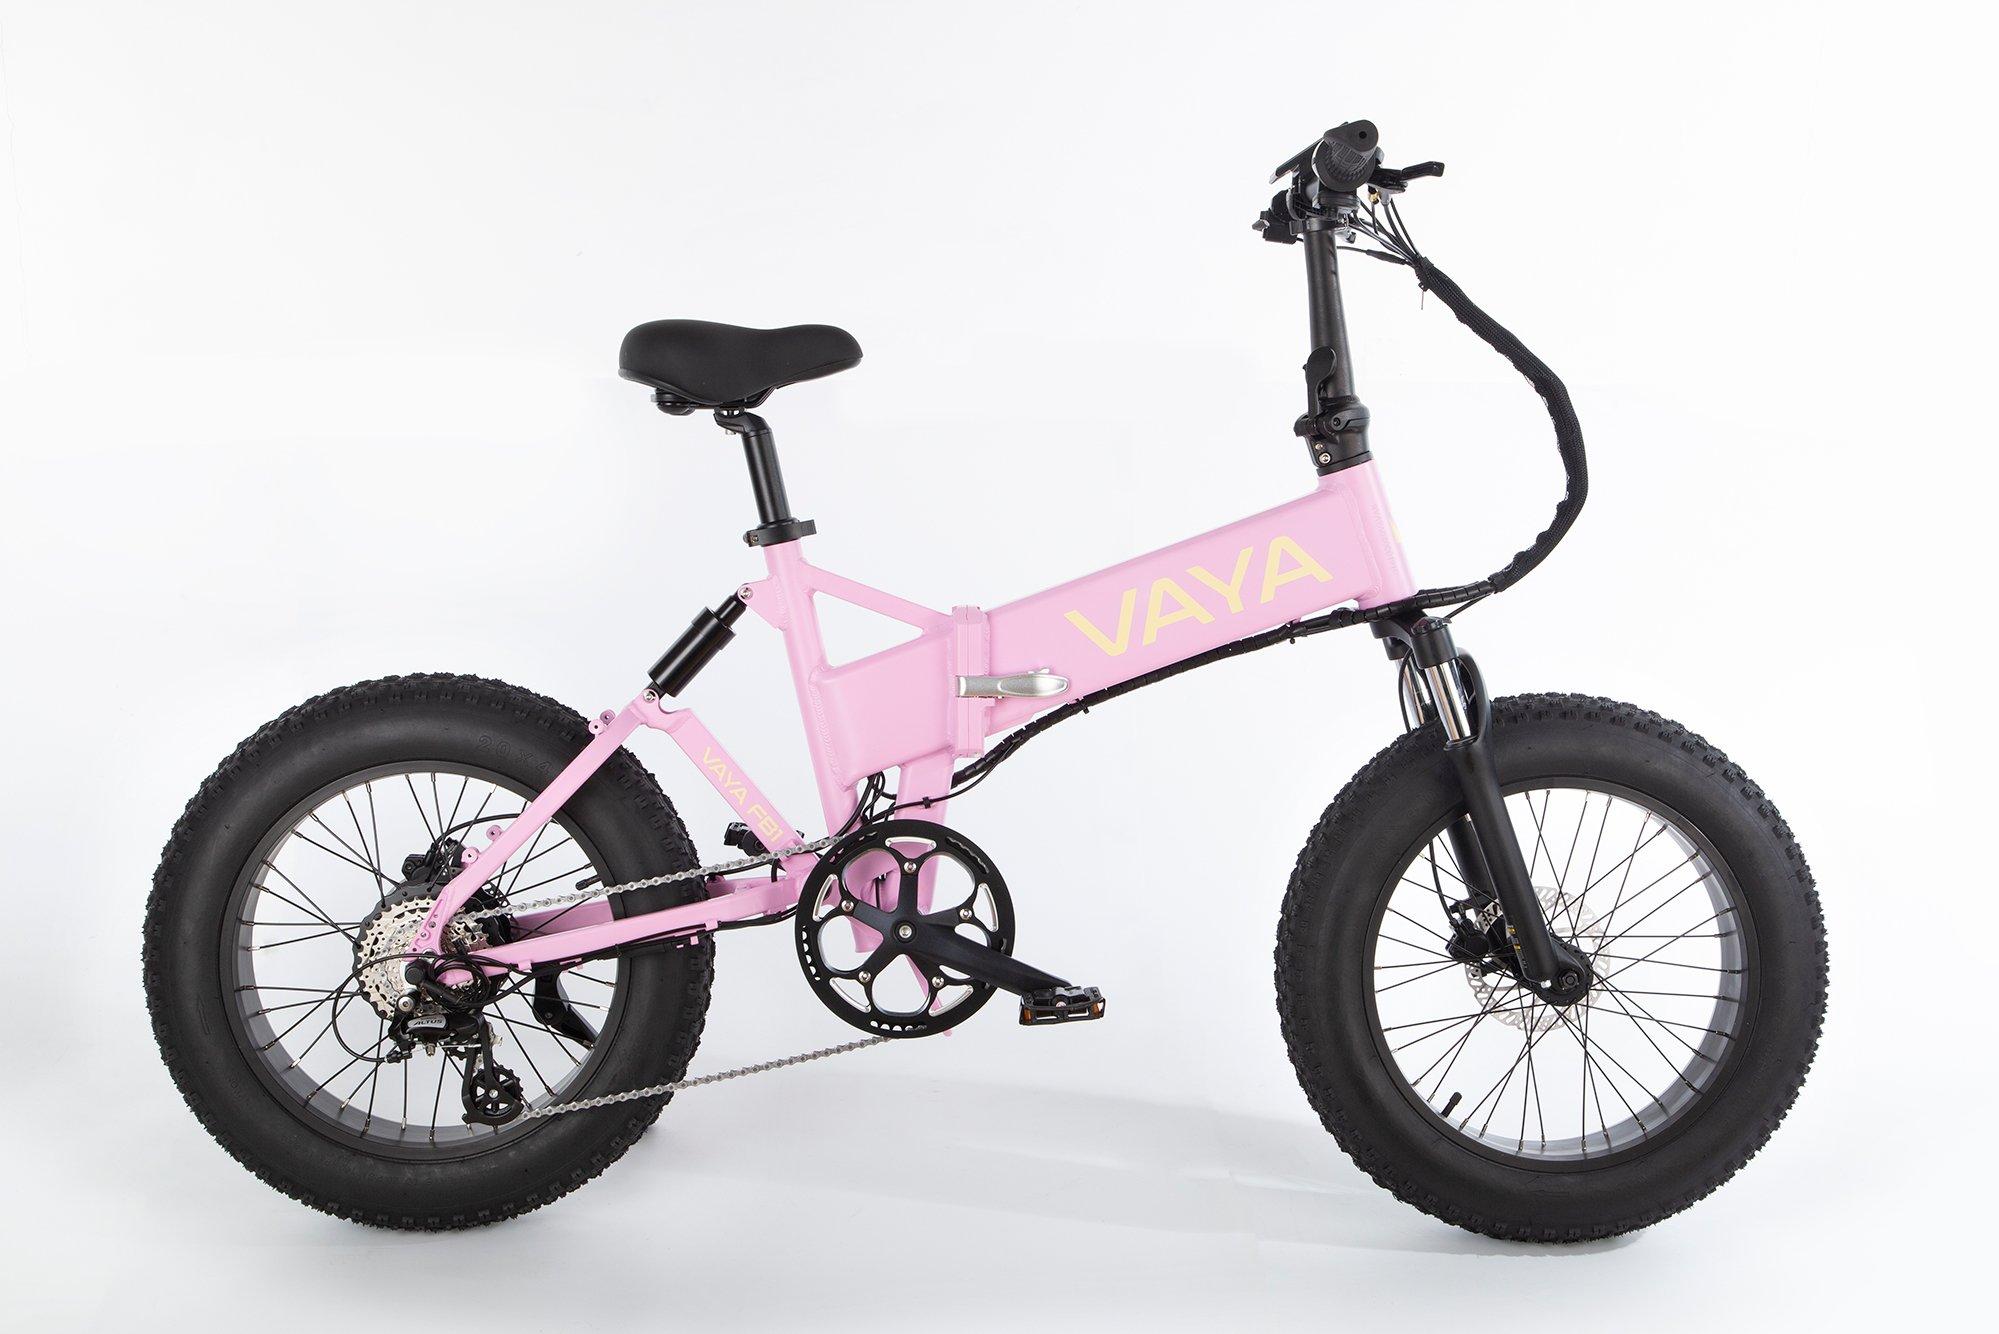 Vaya - Fatbike FB-1 E-Bike - Electric Bike - Flamingo (1647FL)